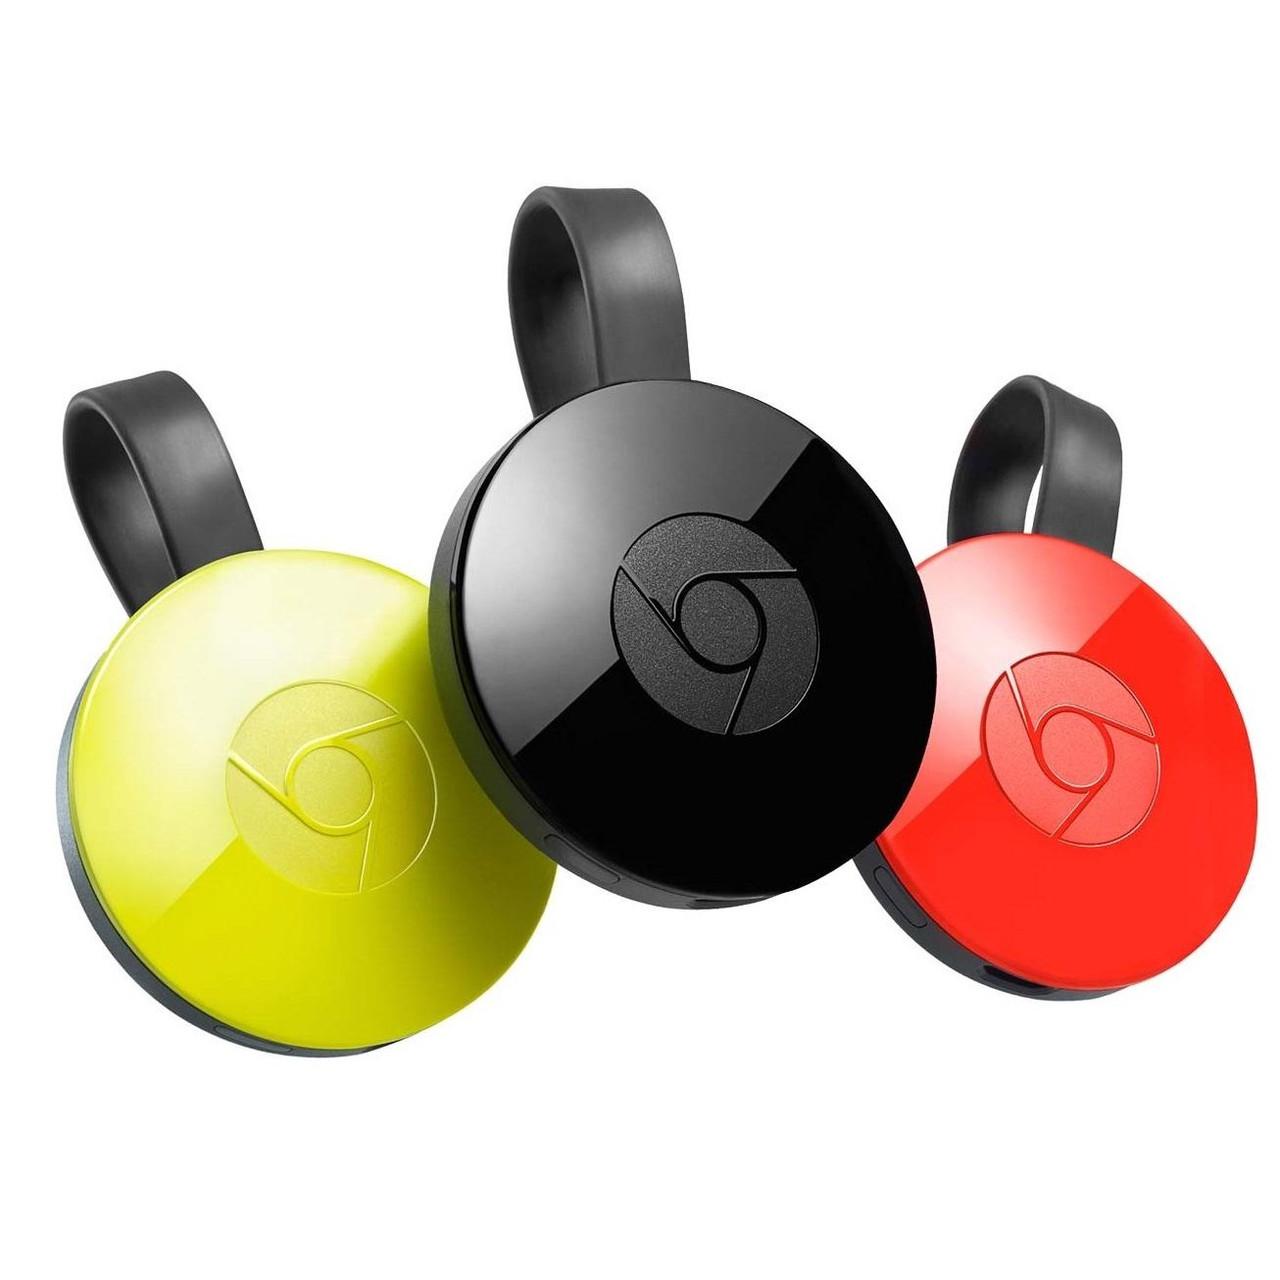 Медиаплеер smart-stick Google Chromecast (2nd generation) - ★★★★★ Premium в Киеве